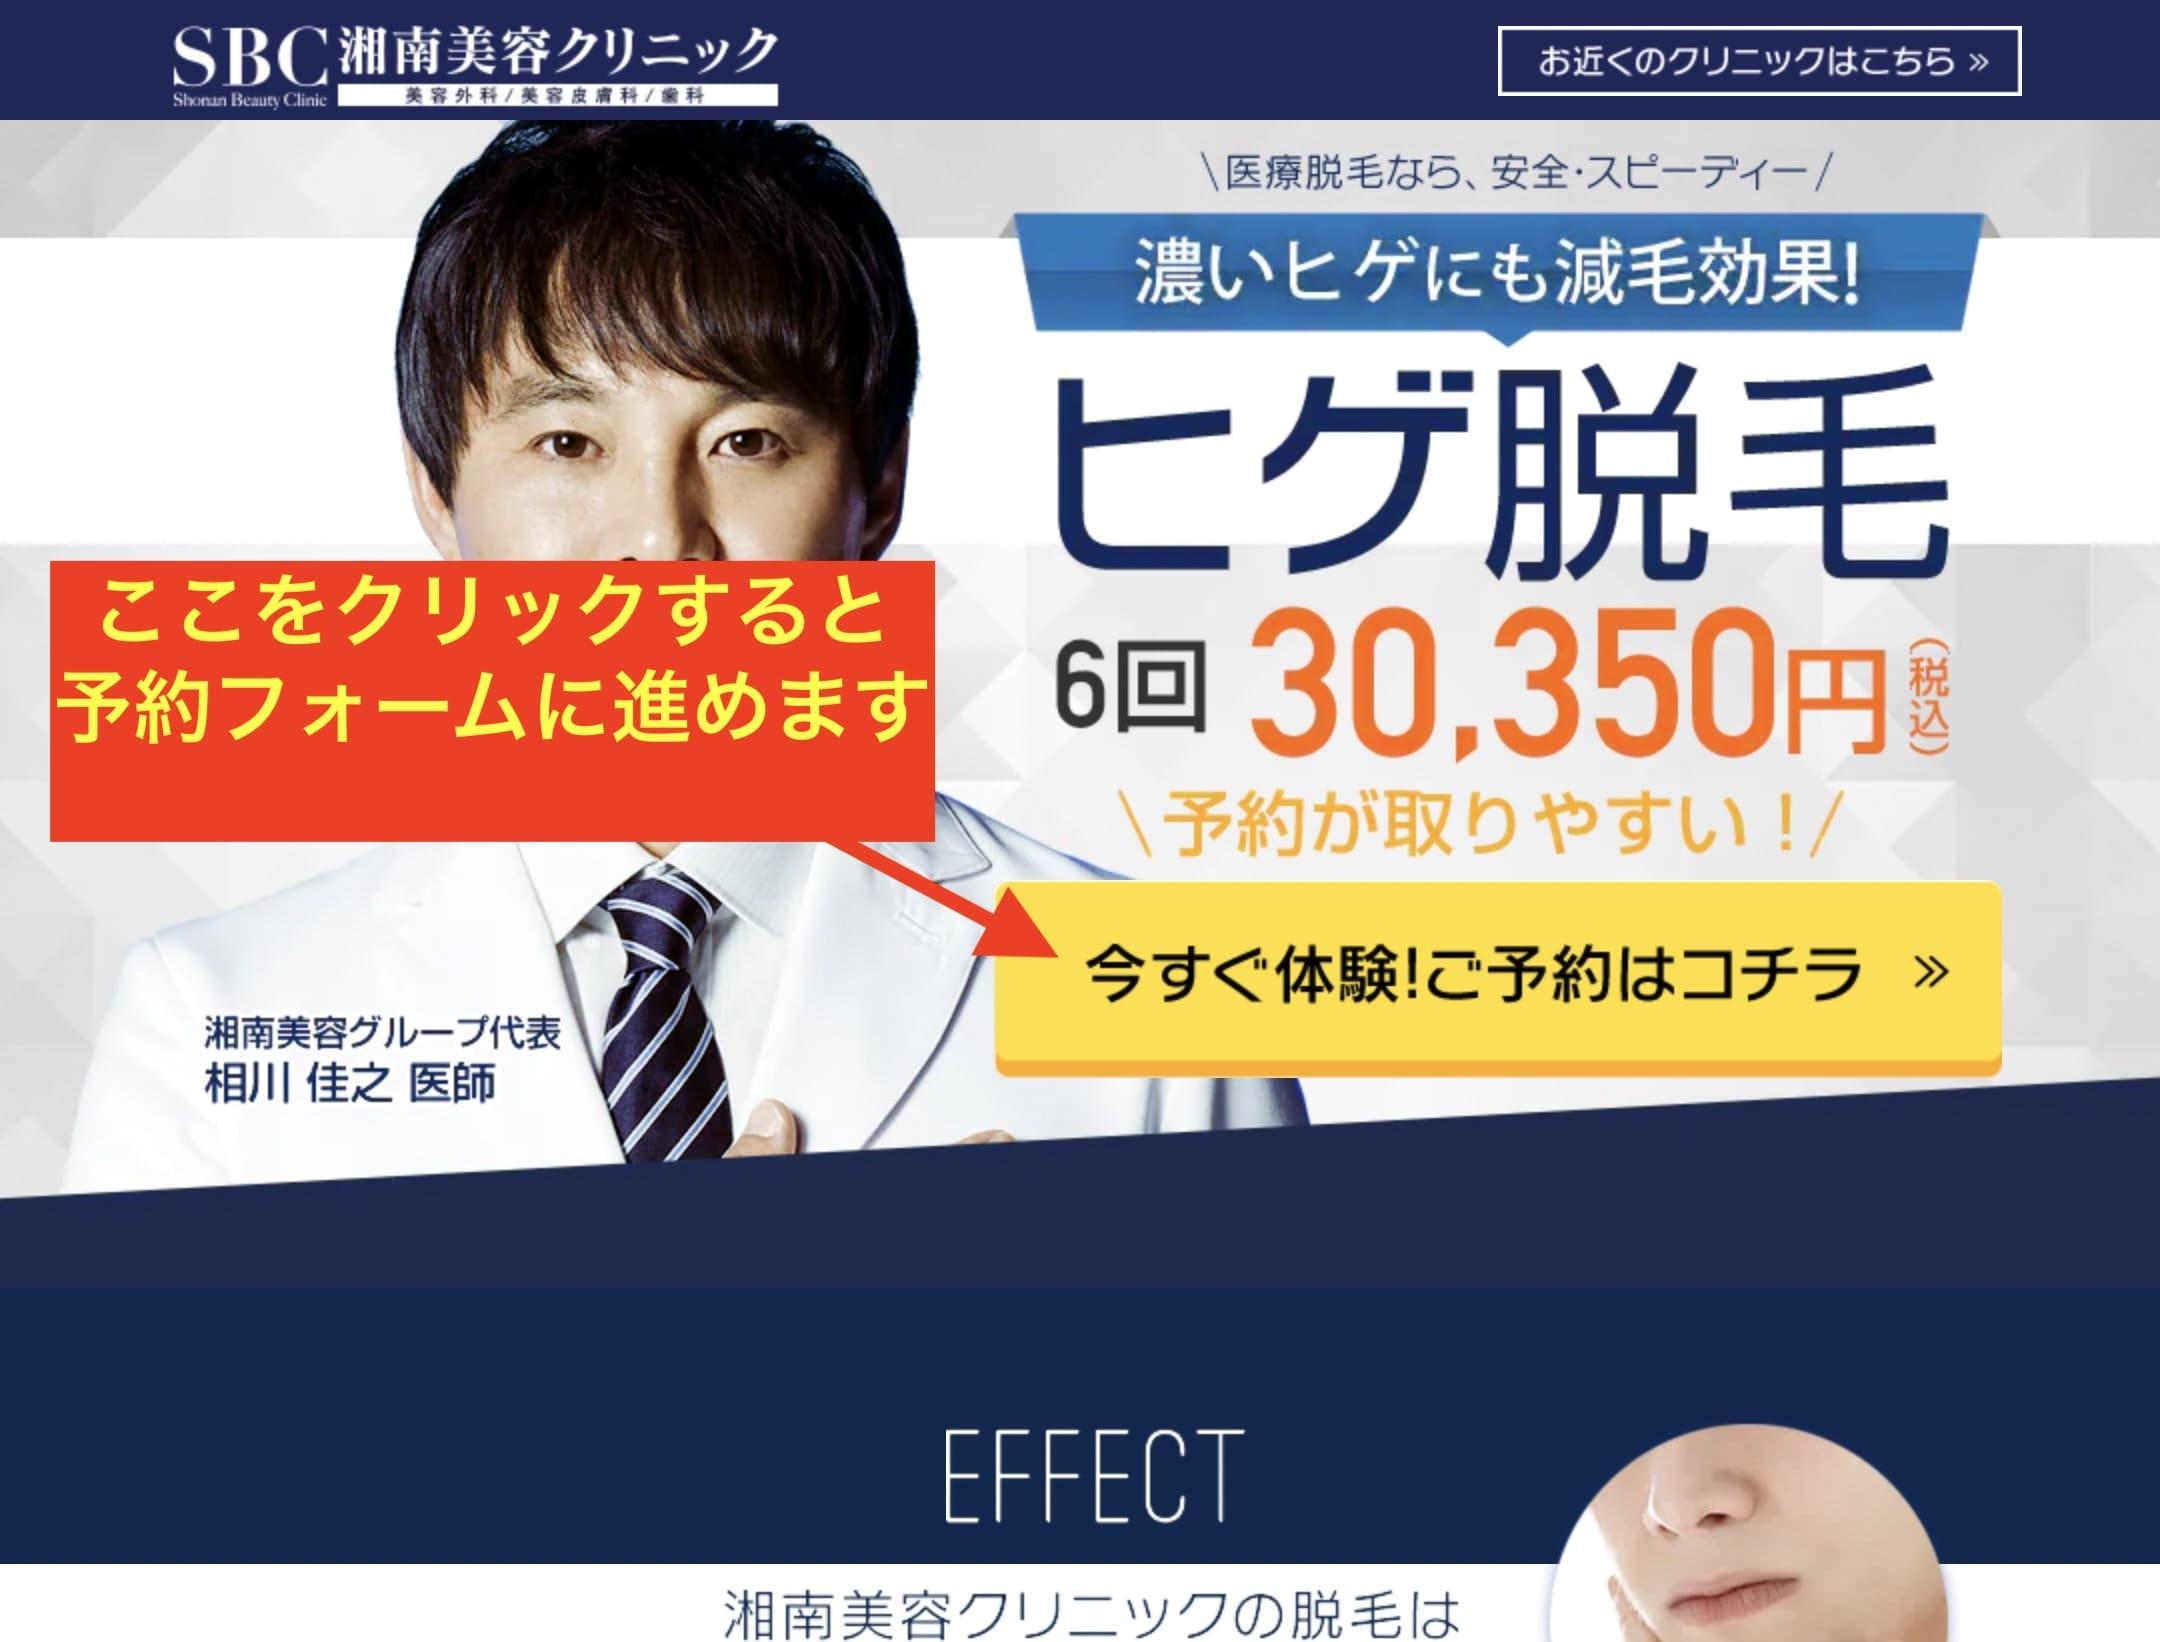 PC版湘南美容クリニックのトップページの予約ボタンの位置